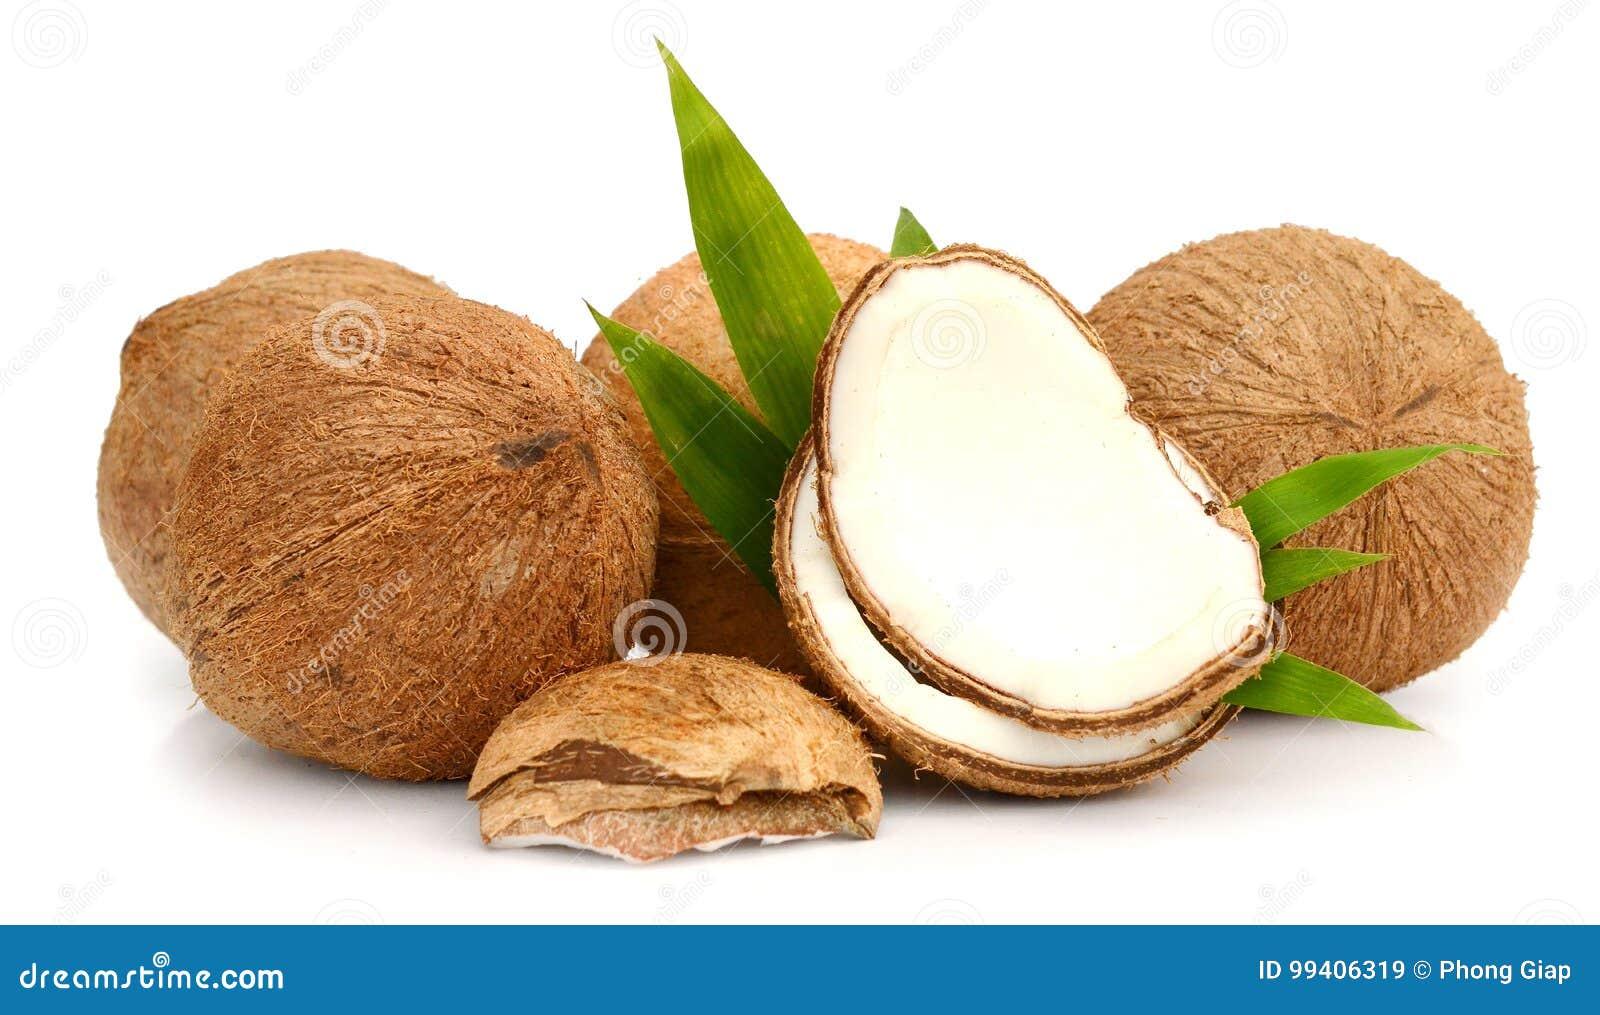 Kokosnuss Stockbild Bild Von Trocknen Haut Prevent 99406319